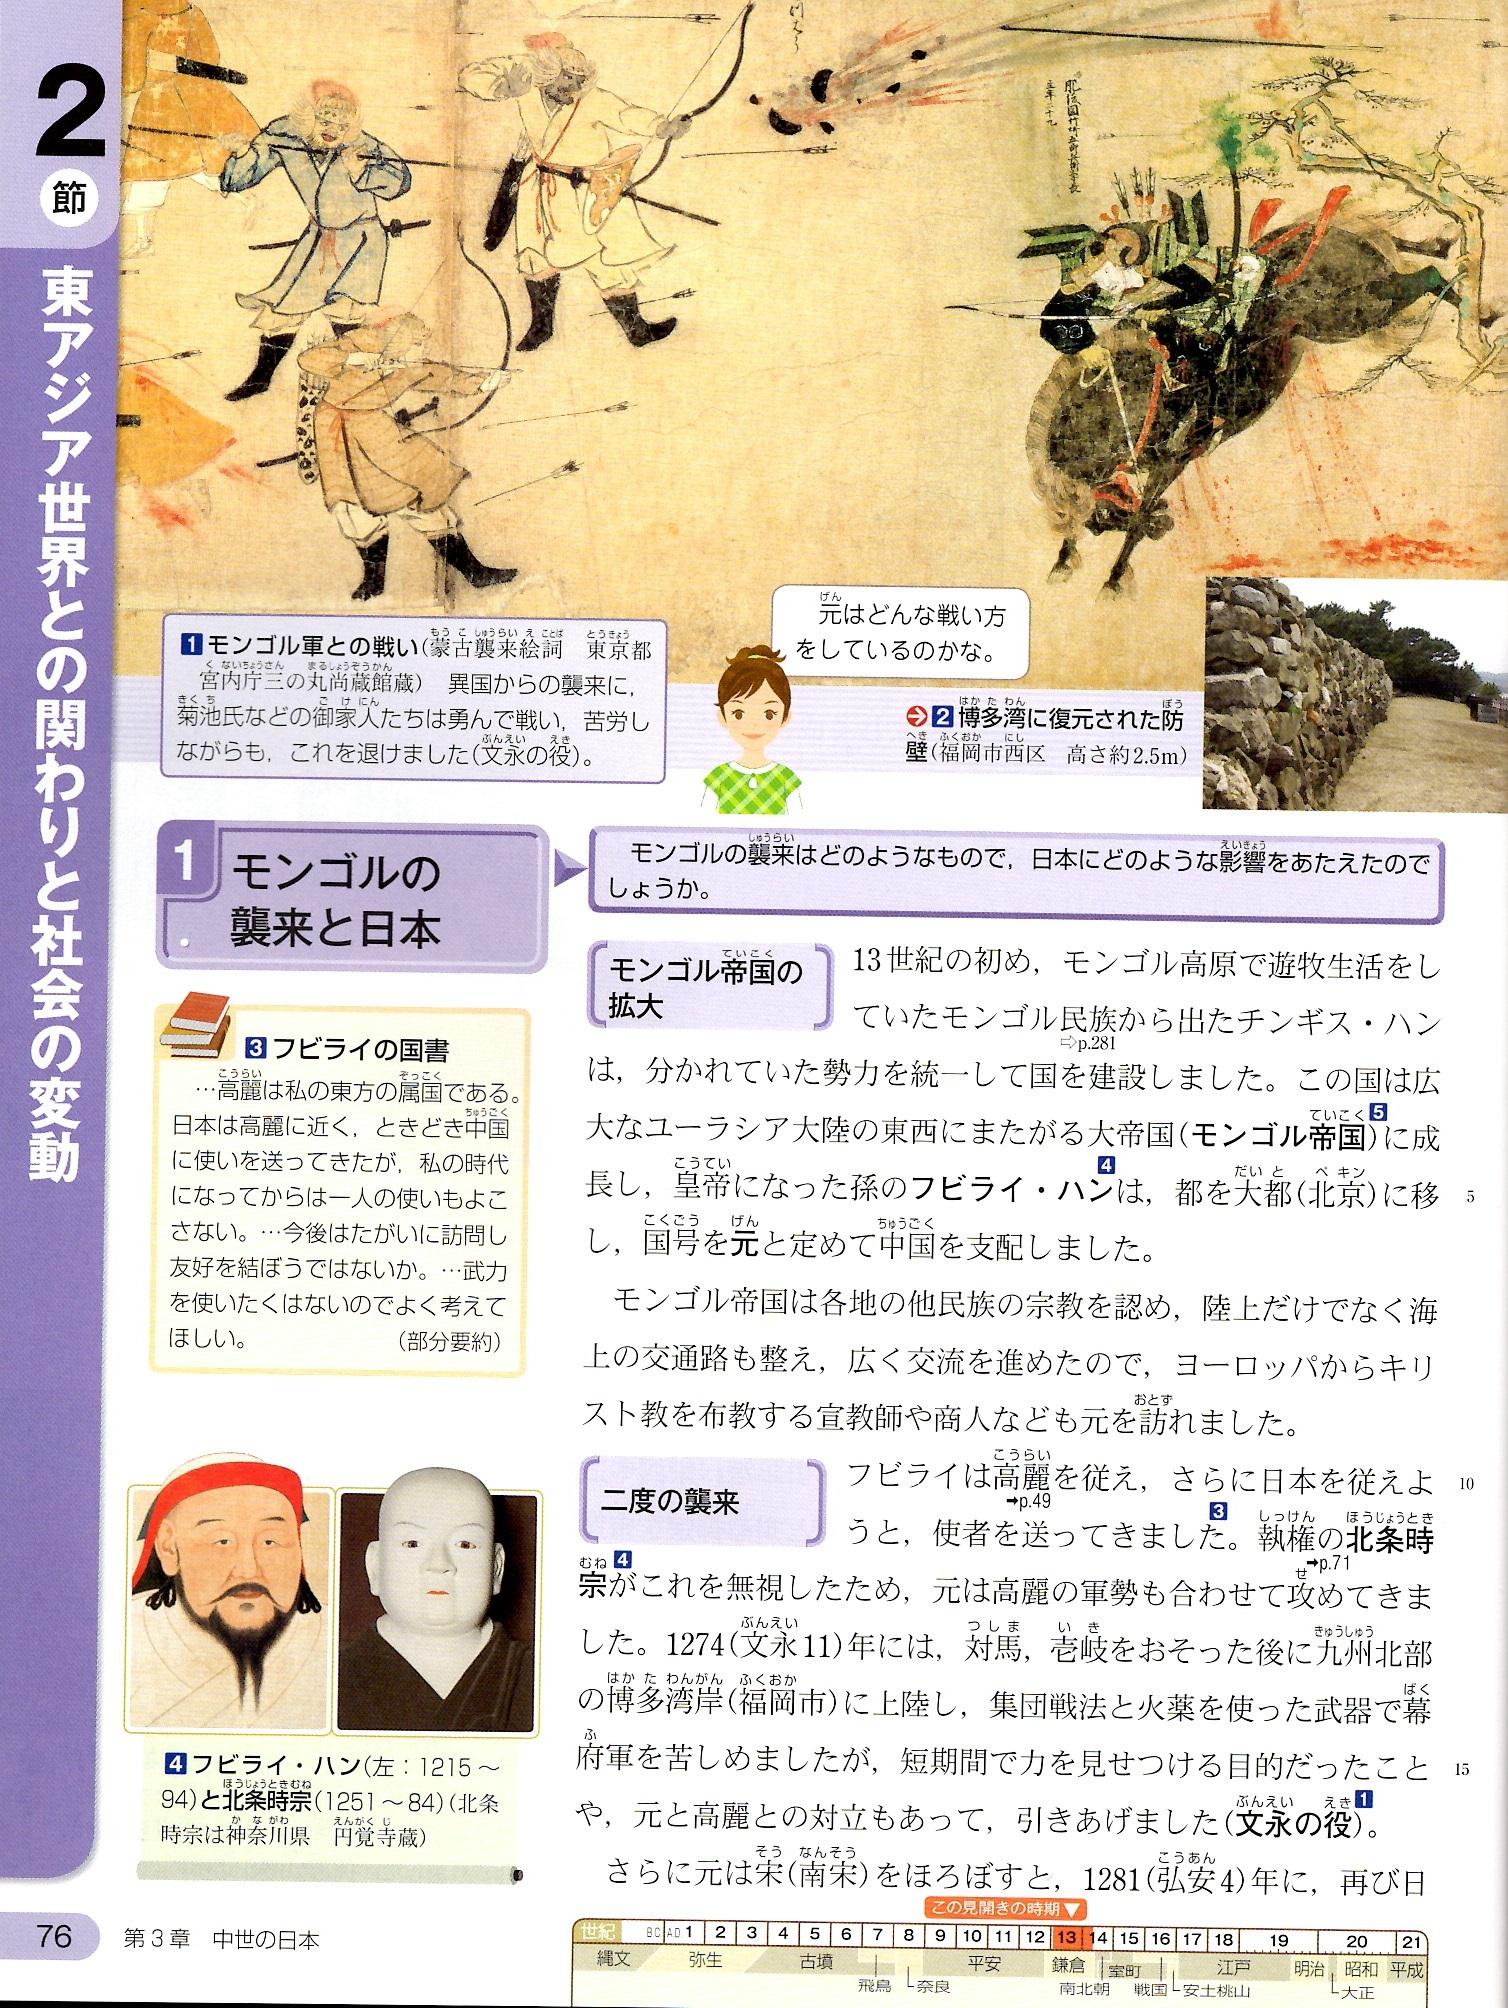 東京書籍 モンゴル 1